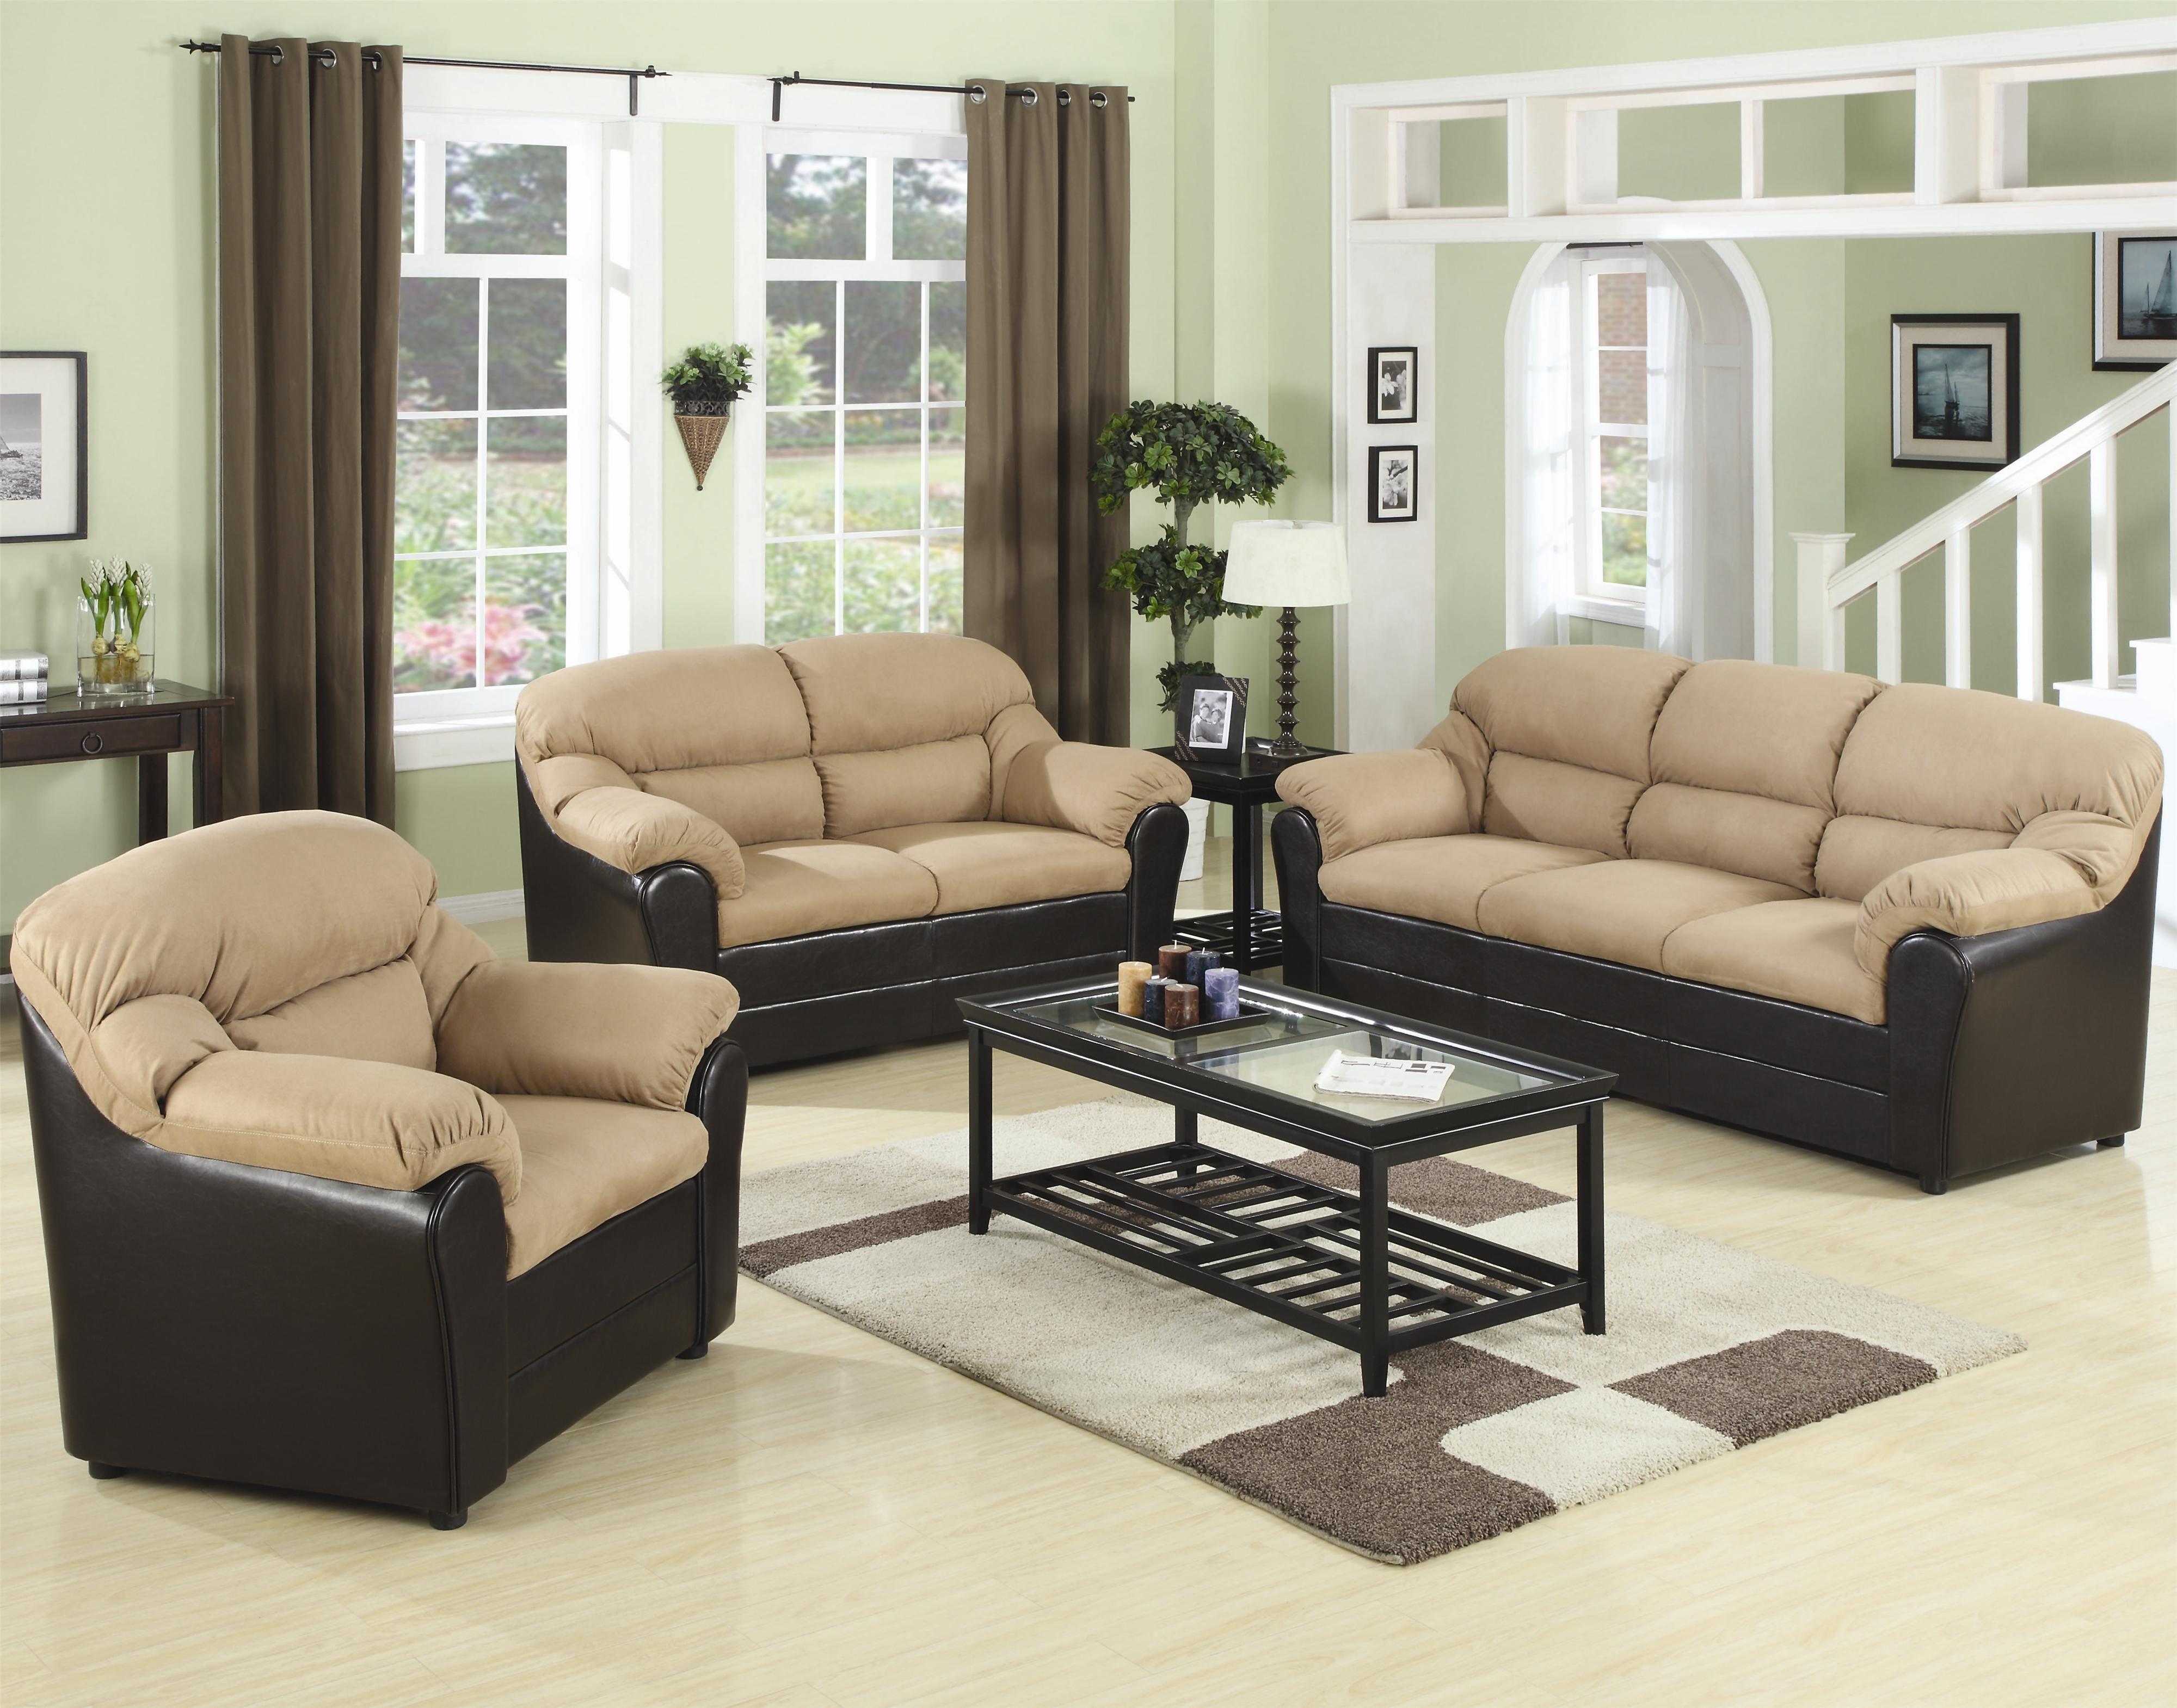 Ideas Living Room Furniture Sets  Httpwwwkittencarcare Impressive Designer Living Room Sets Design Ideas